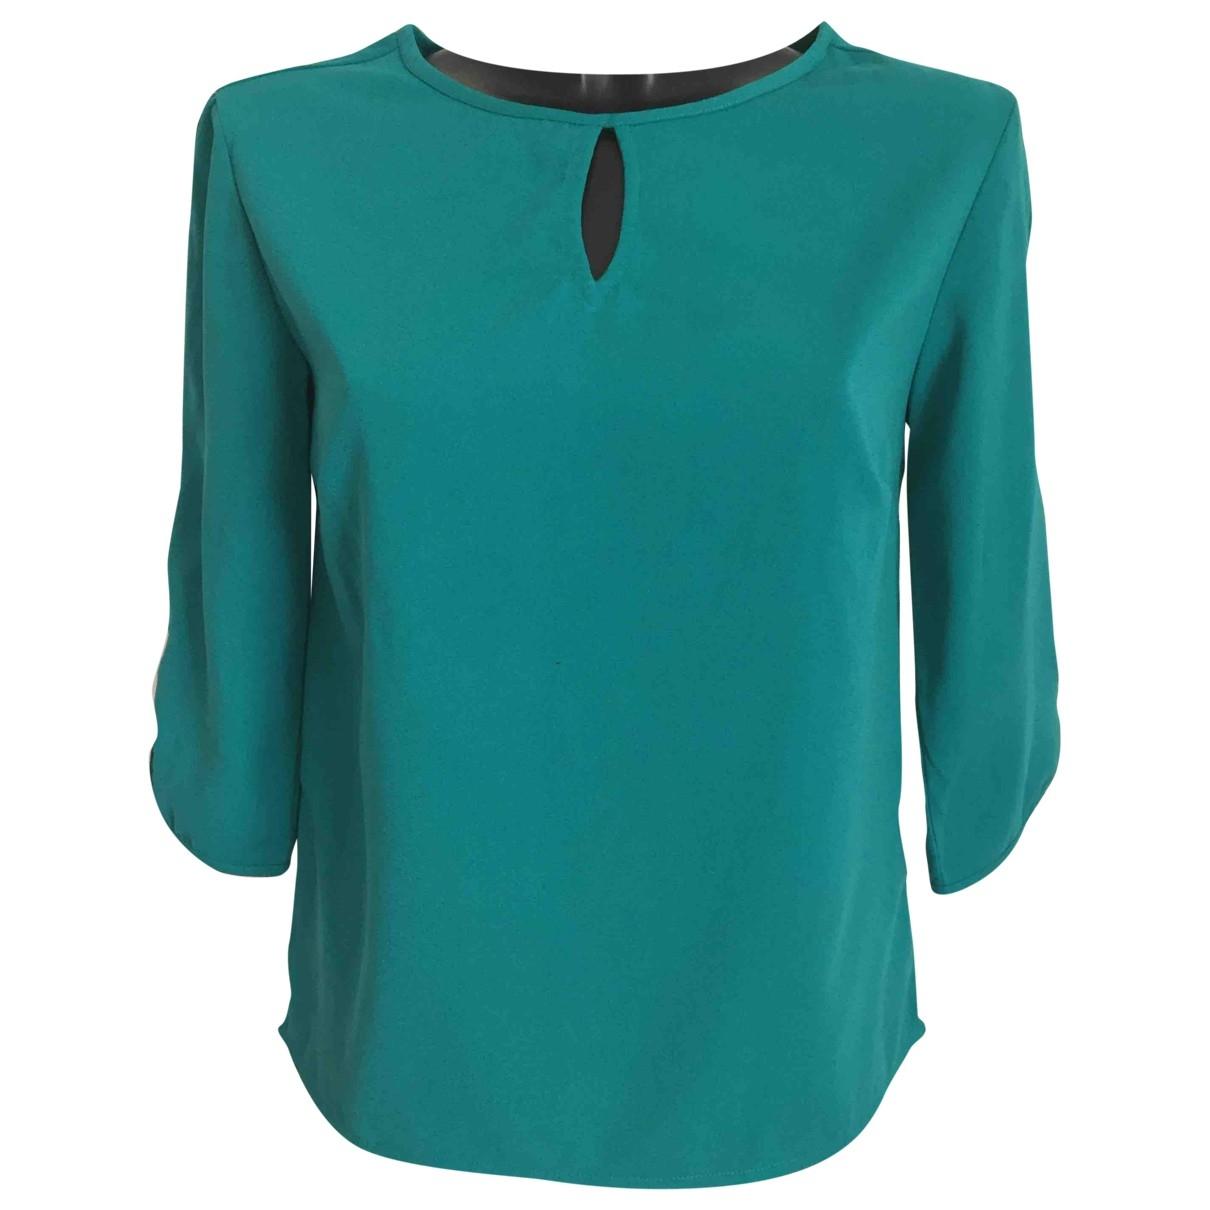 Calvin Klein - Top   pour femme - vert